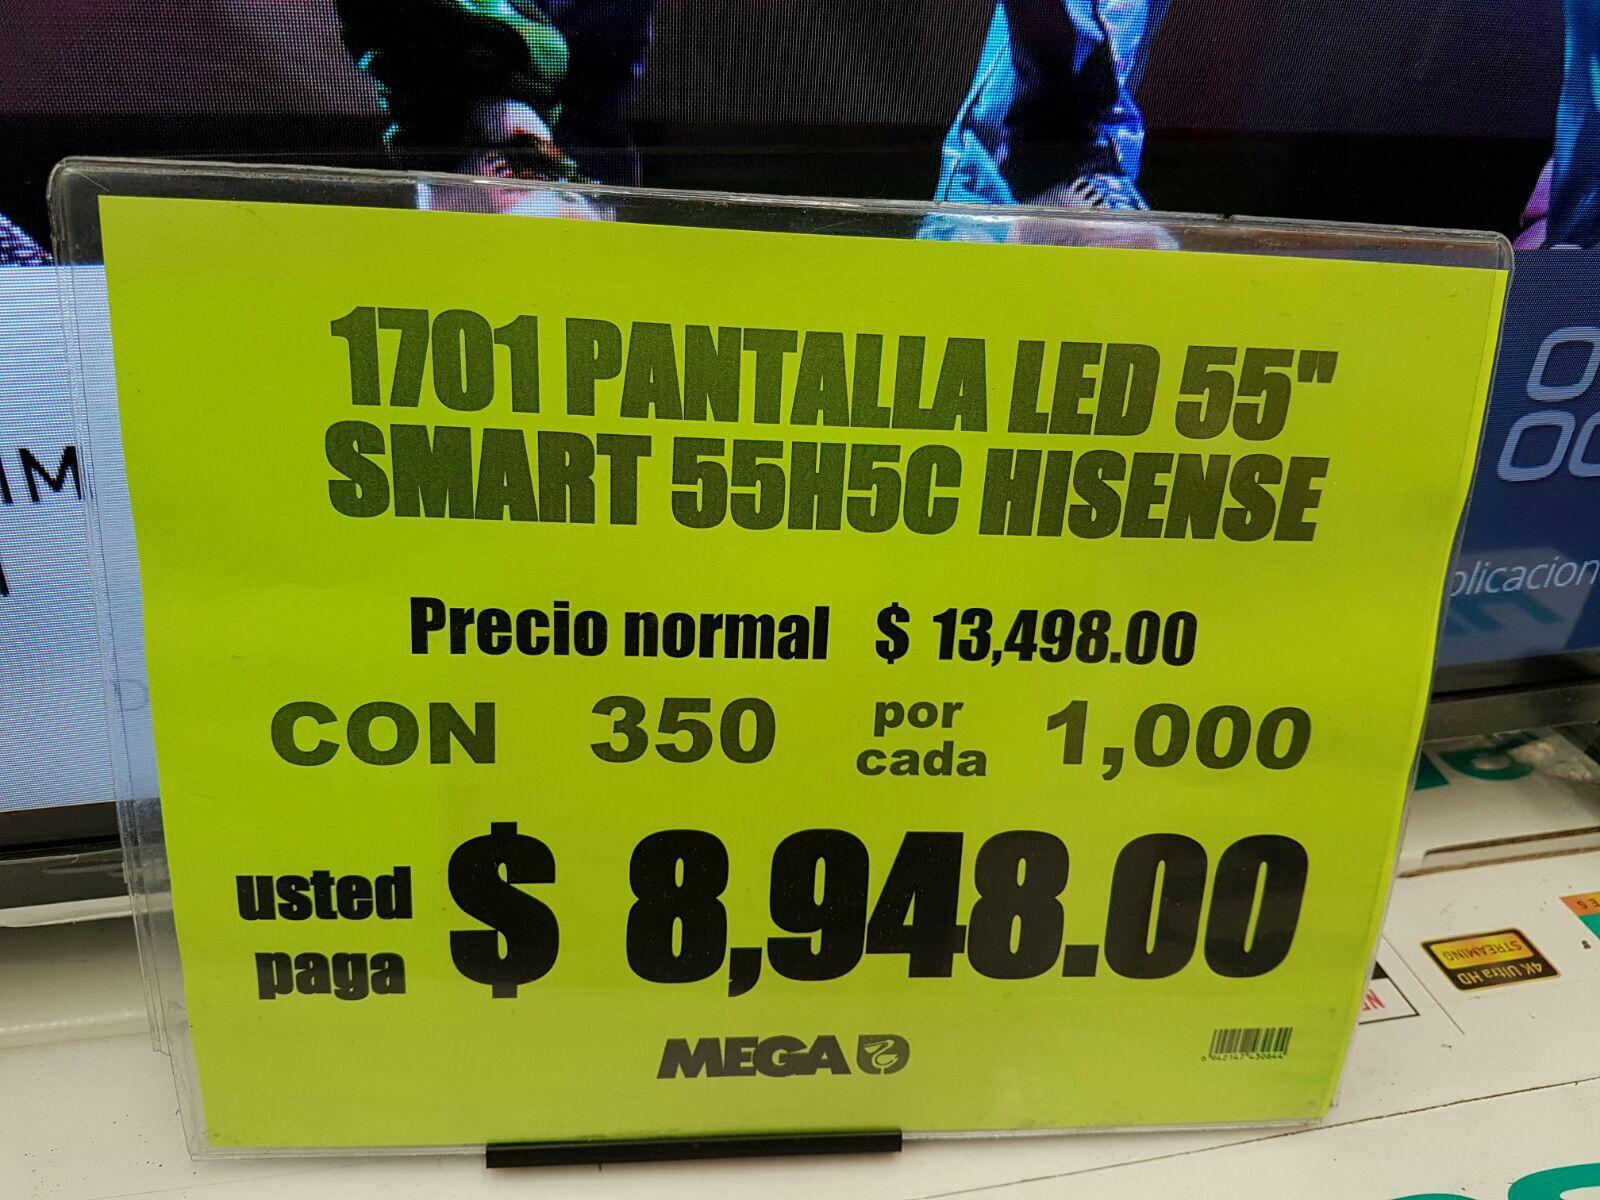 Julio Regalado en Comercial Mexicana Xalapa: pantalla Hisense 55HC a $8,948